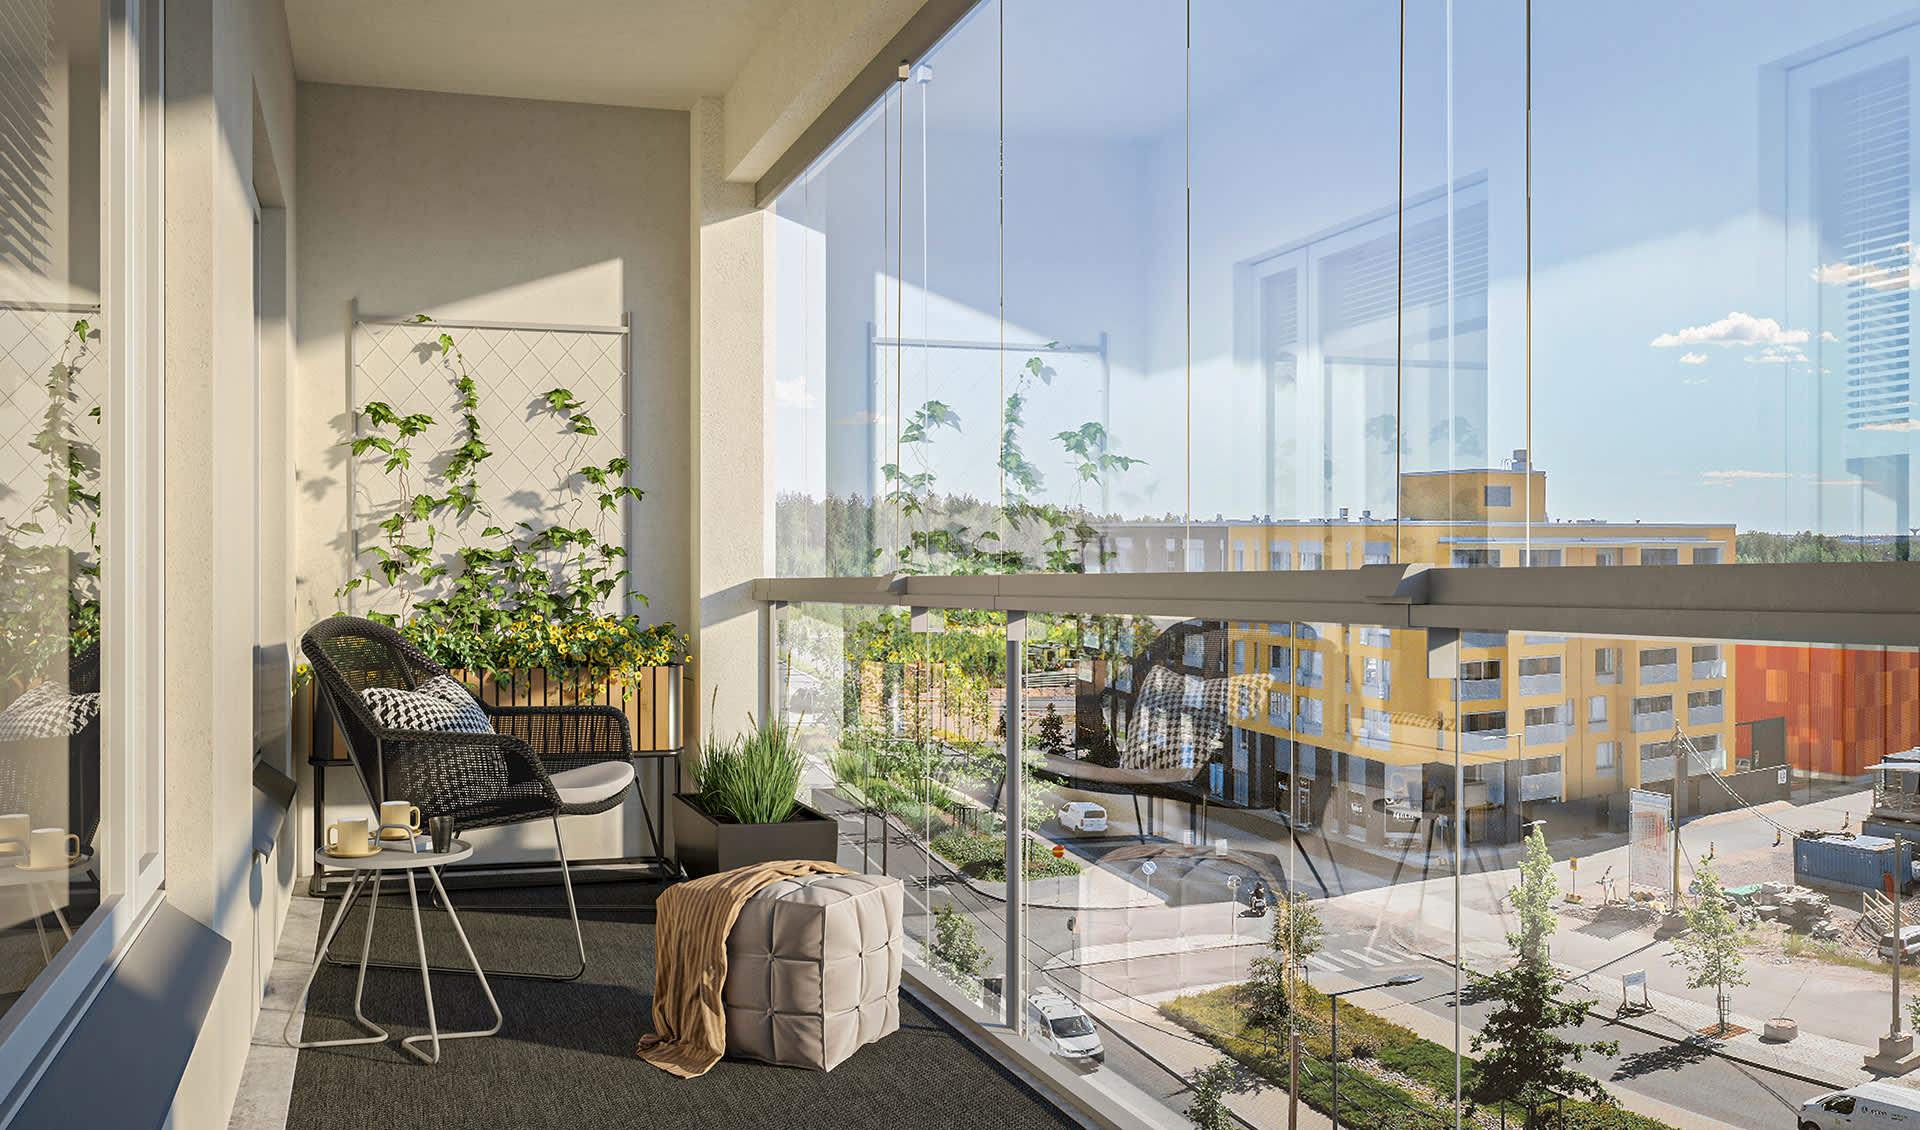 Myytävät asunnot Vantaa, Kivistö - Asunto Oy Vantaan Kangastus